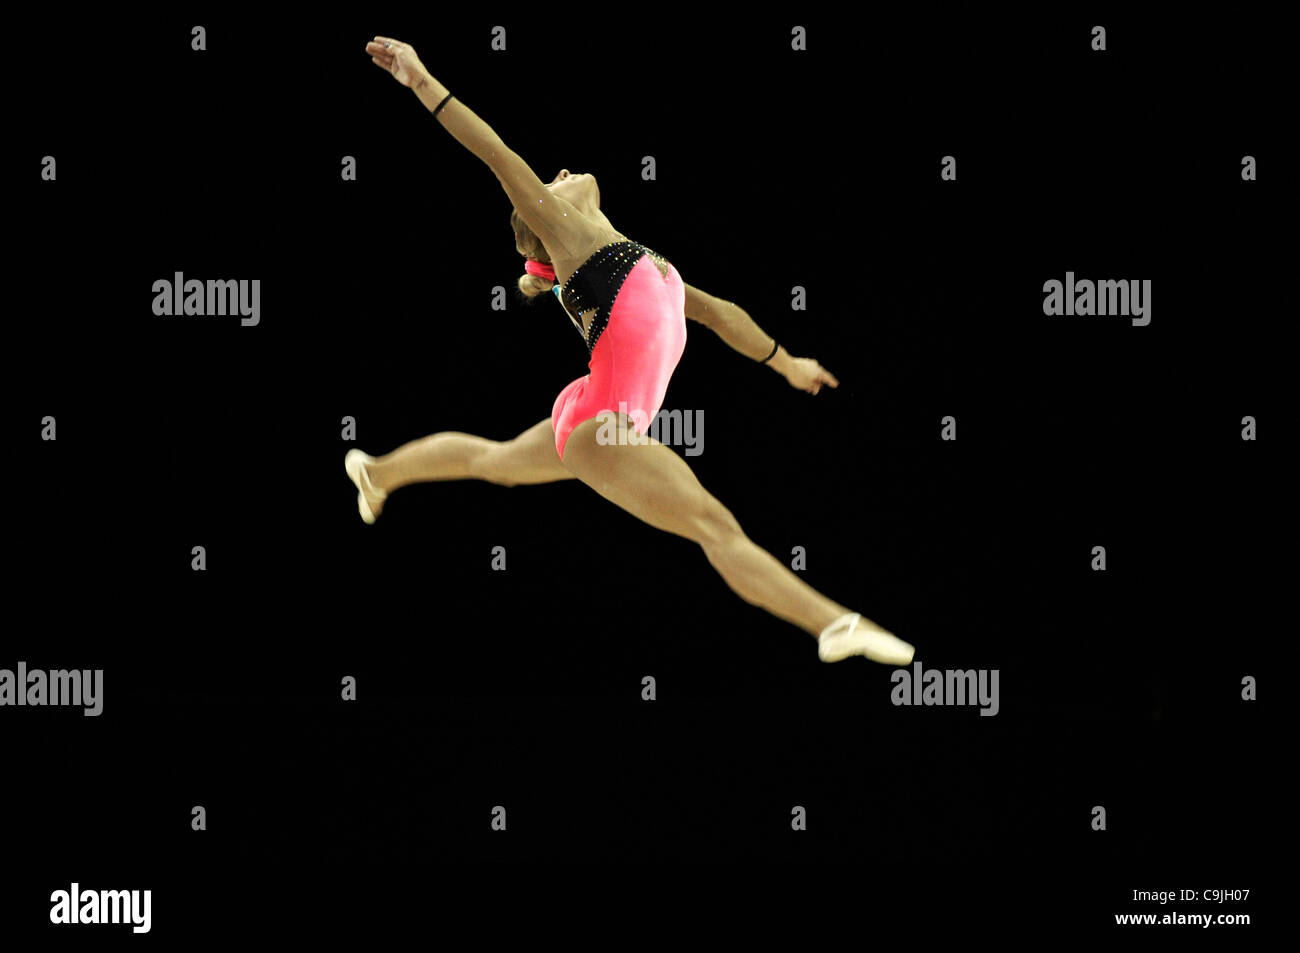 13.01.2012 Londres prepara un Evento de Prueba Olímpico Serie Gimnasia North Greenwich London UK Arena Señoras Imagen De Stock